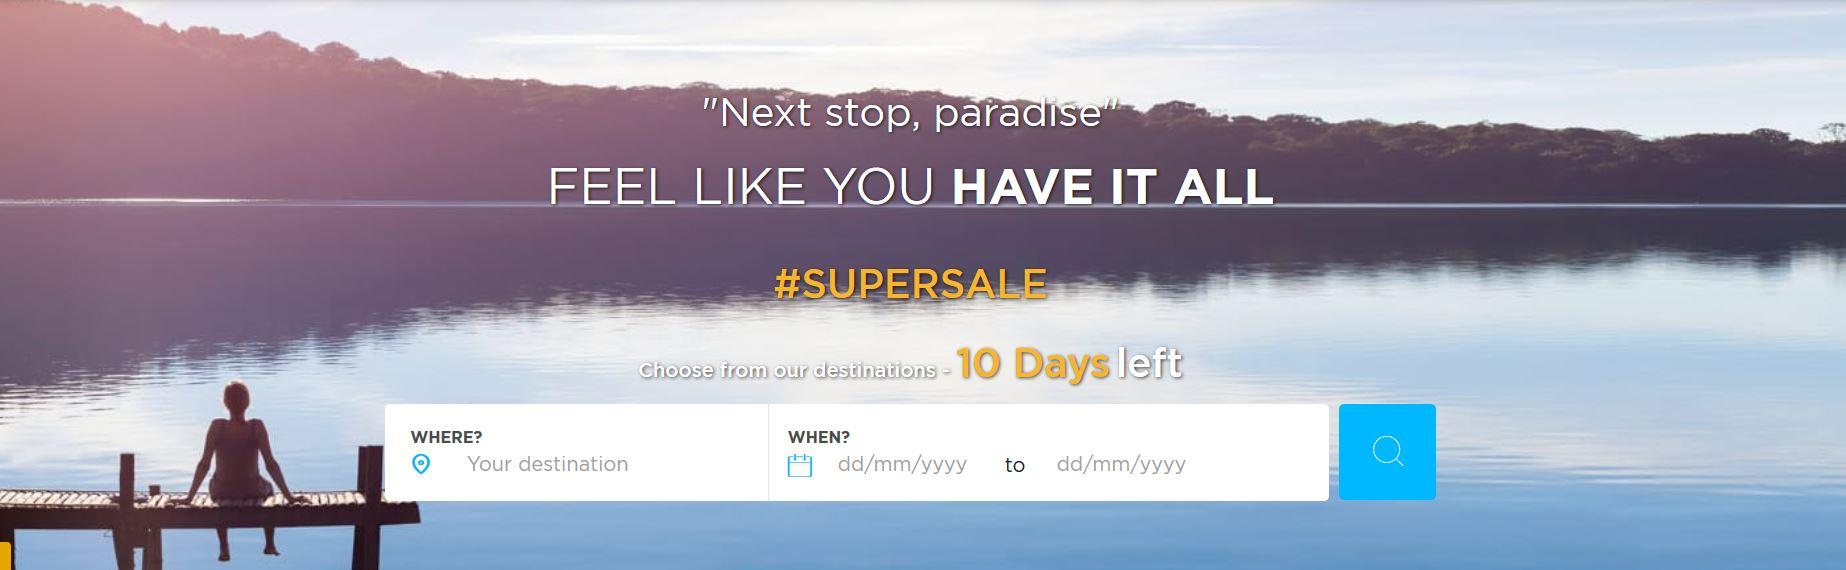 Accor Super Sale